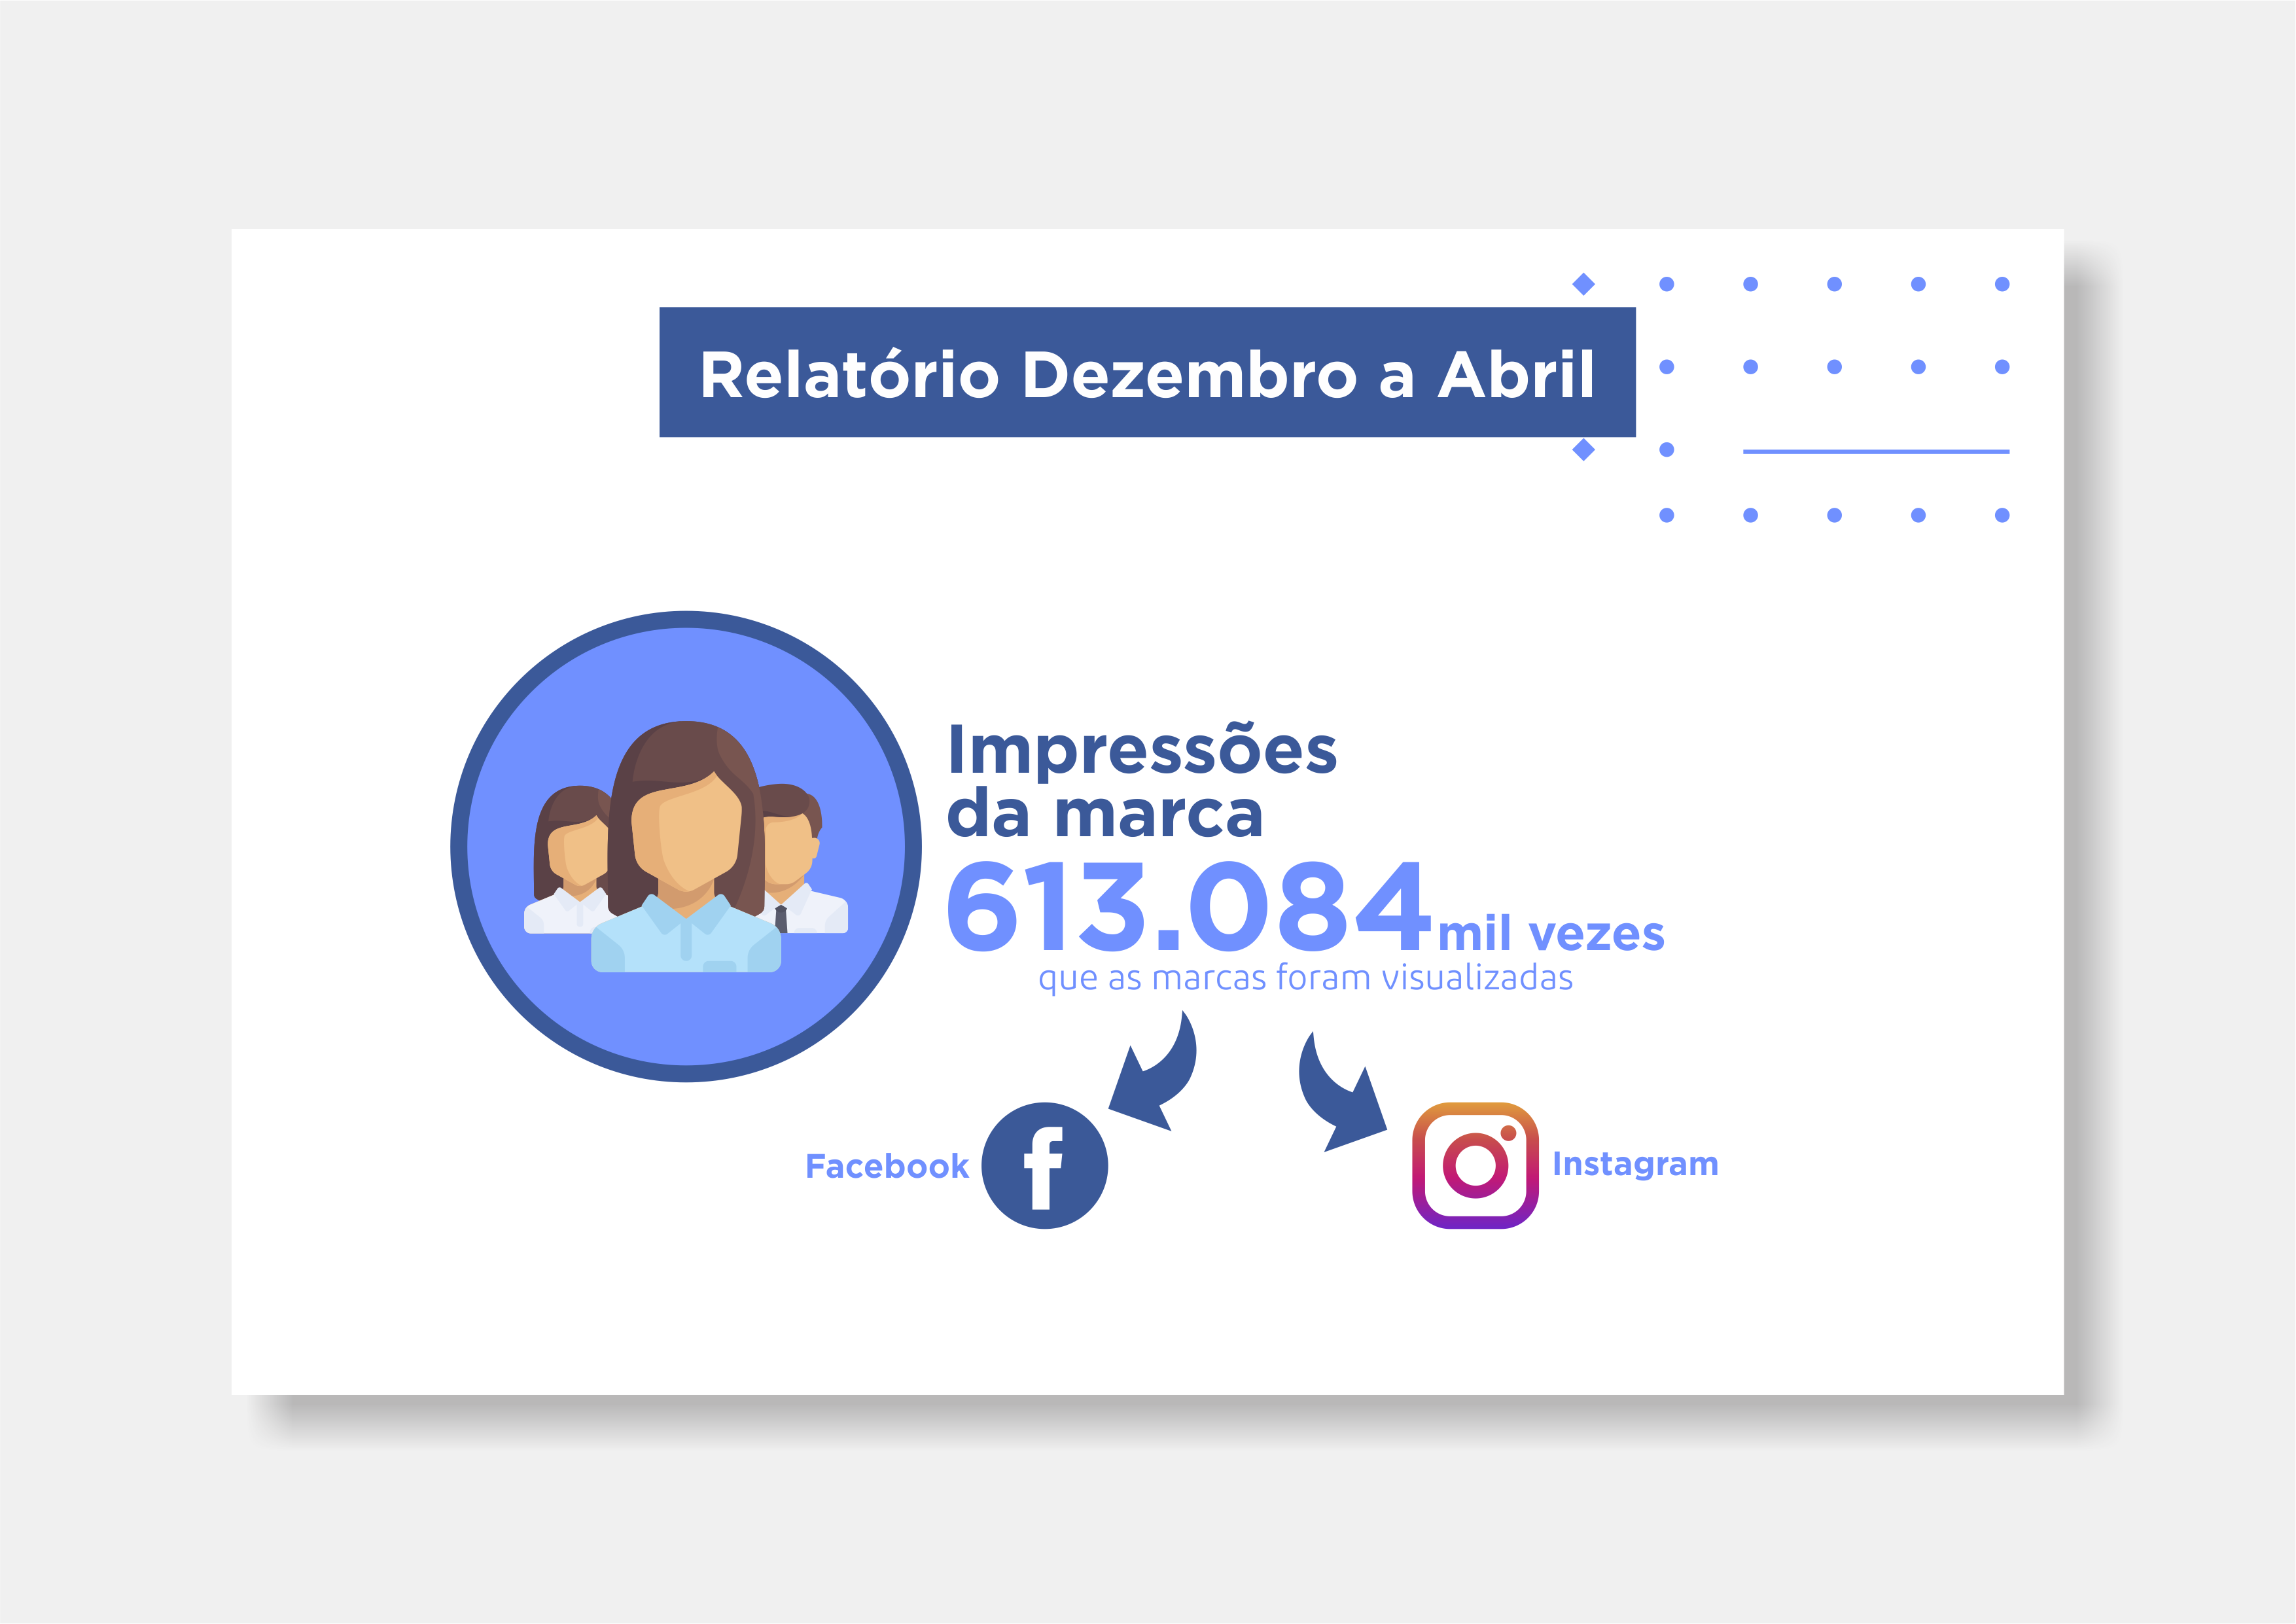 agencia fabrica de ideias 1024x724 - Como conseguimos mais de 2 mil oportunidades de negócio com marketing digital em Ubá e região